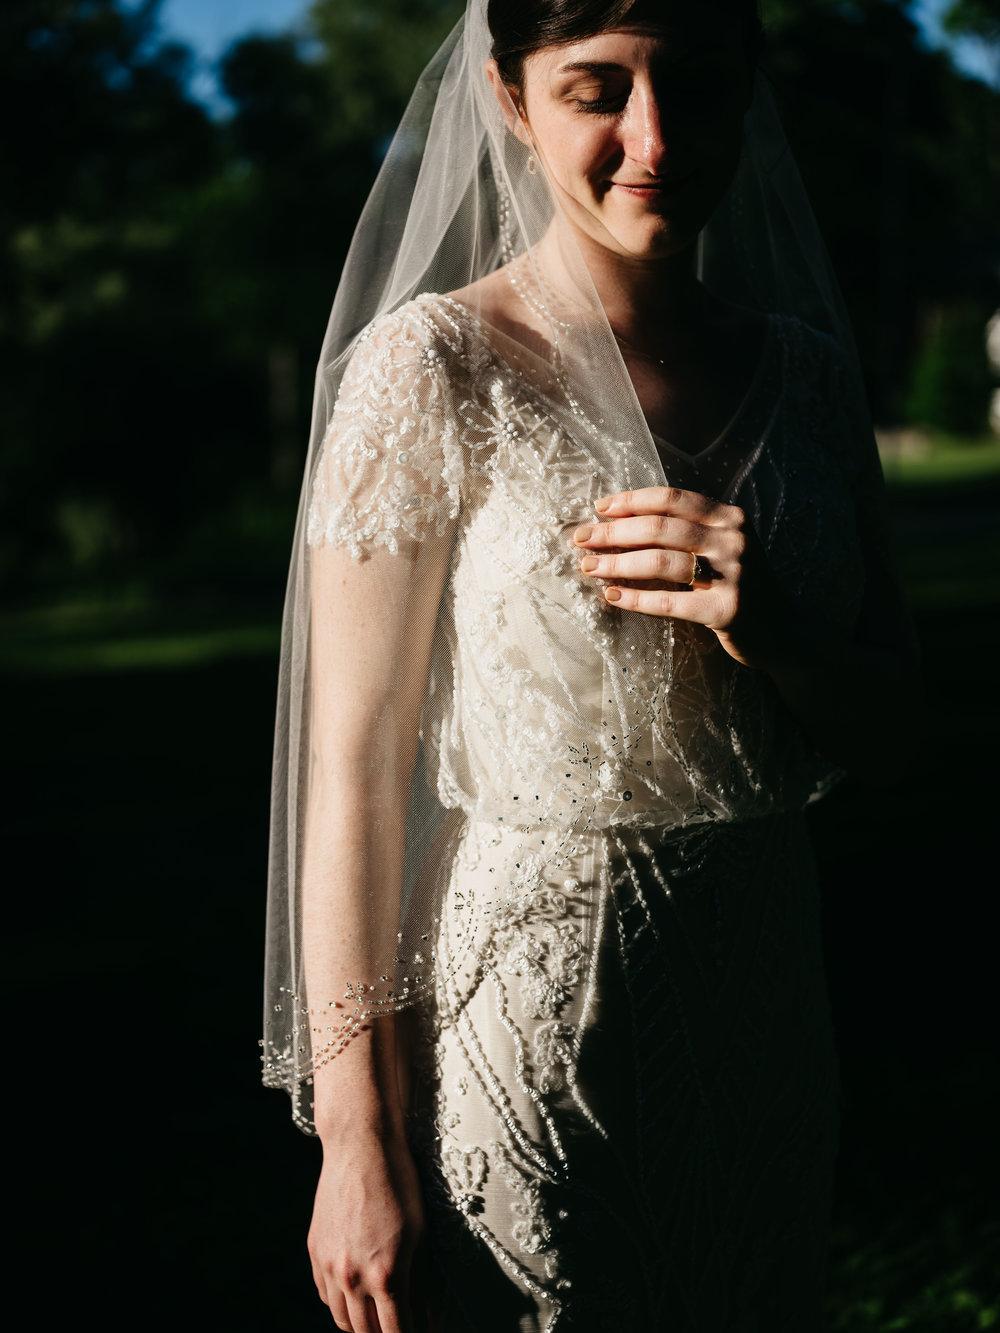 WSPCo-06242017-Hallie-Sam-Connecticut-Family-Farm-Wedding-Photography-91.jpg